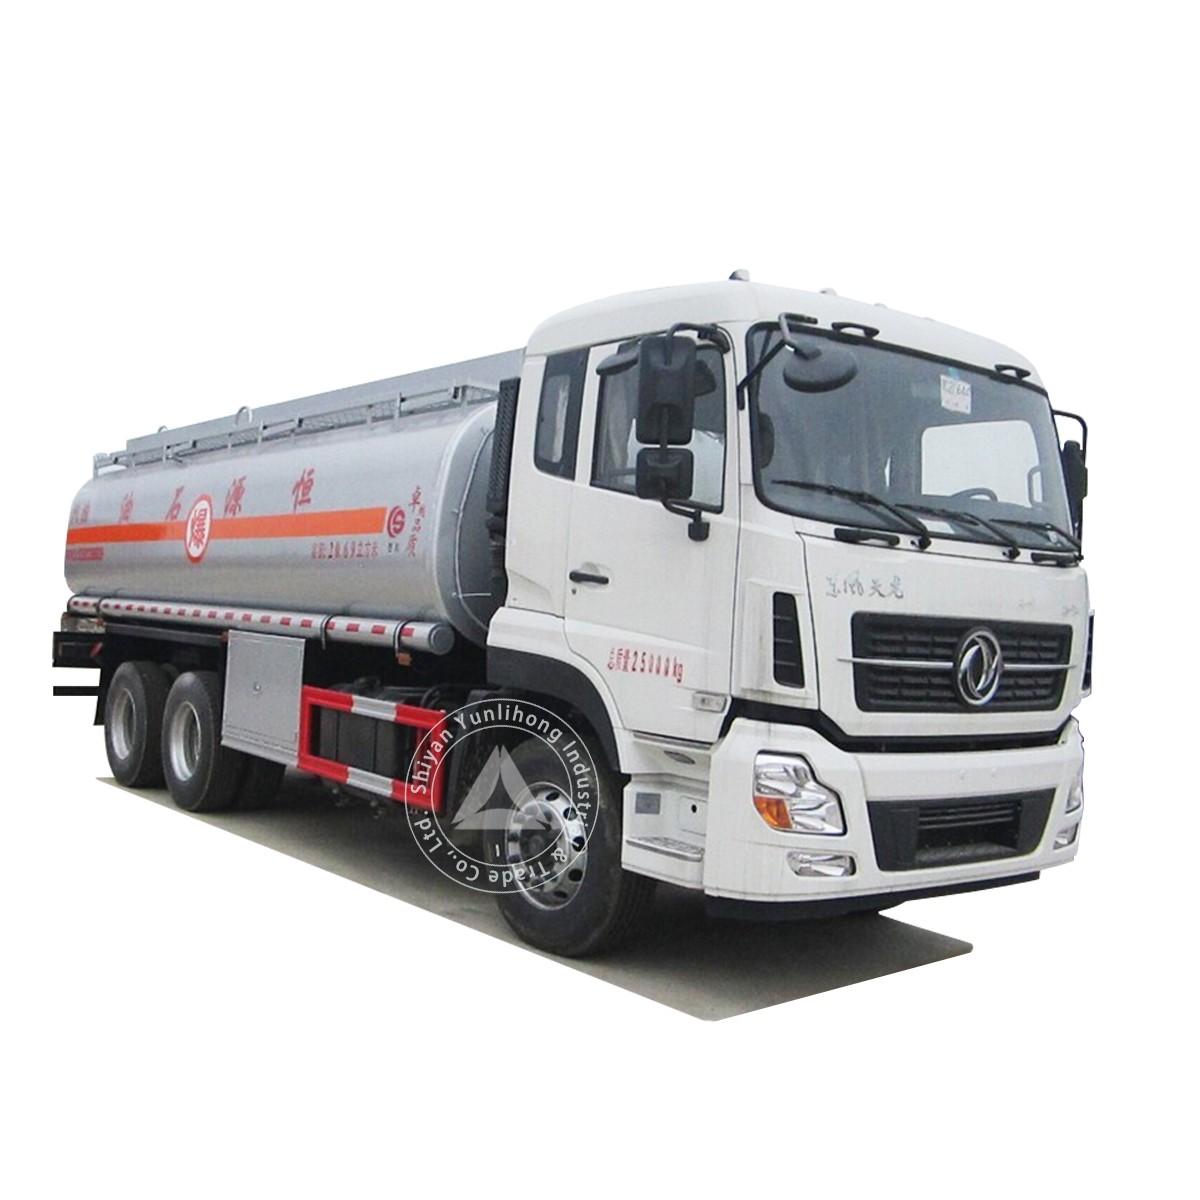 खरीदने के लिए डोंगफेंग केएल 8x4 GVW 30t पेट्रोलियम & रासायनिक ट्रांसपोर्ट टैंक ट्रक,डोंगफेंग केएल 8x4 GVW 30t पेट्रोलियम & रासायनिक ट्रांसपोर्ट टैंक ट्रक दाम,डोंगफेंग केएल 8x4 GVW 30t पेट्रोलियम & रासायनिक ट्रांसपोर्ट टैंक ट्रक ब्रांड,डोंगफेंग केएल 8x4 GVW 30t पेट्रोलियम & रासायनिक ट्रांसपोर्ट टैंक ट्रक मैन्युफैक्चरर्स,डोंगफेंग केएल 8x4 GVW 30t पेट्रोलियम & रासायनिक ट्रांसपोर्ट टैंक ट्रक उद्धृत मूल्य,डोंगफेंग केएल 8x4 GVW 30t पेट्रोलियम & रासायनिक ट्रांसपोर्ट टैंक ट्रक कंपनी,